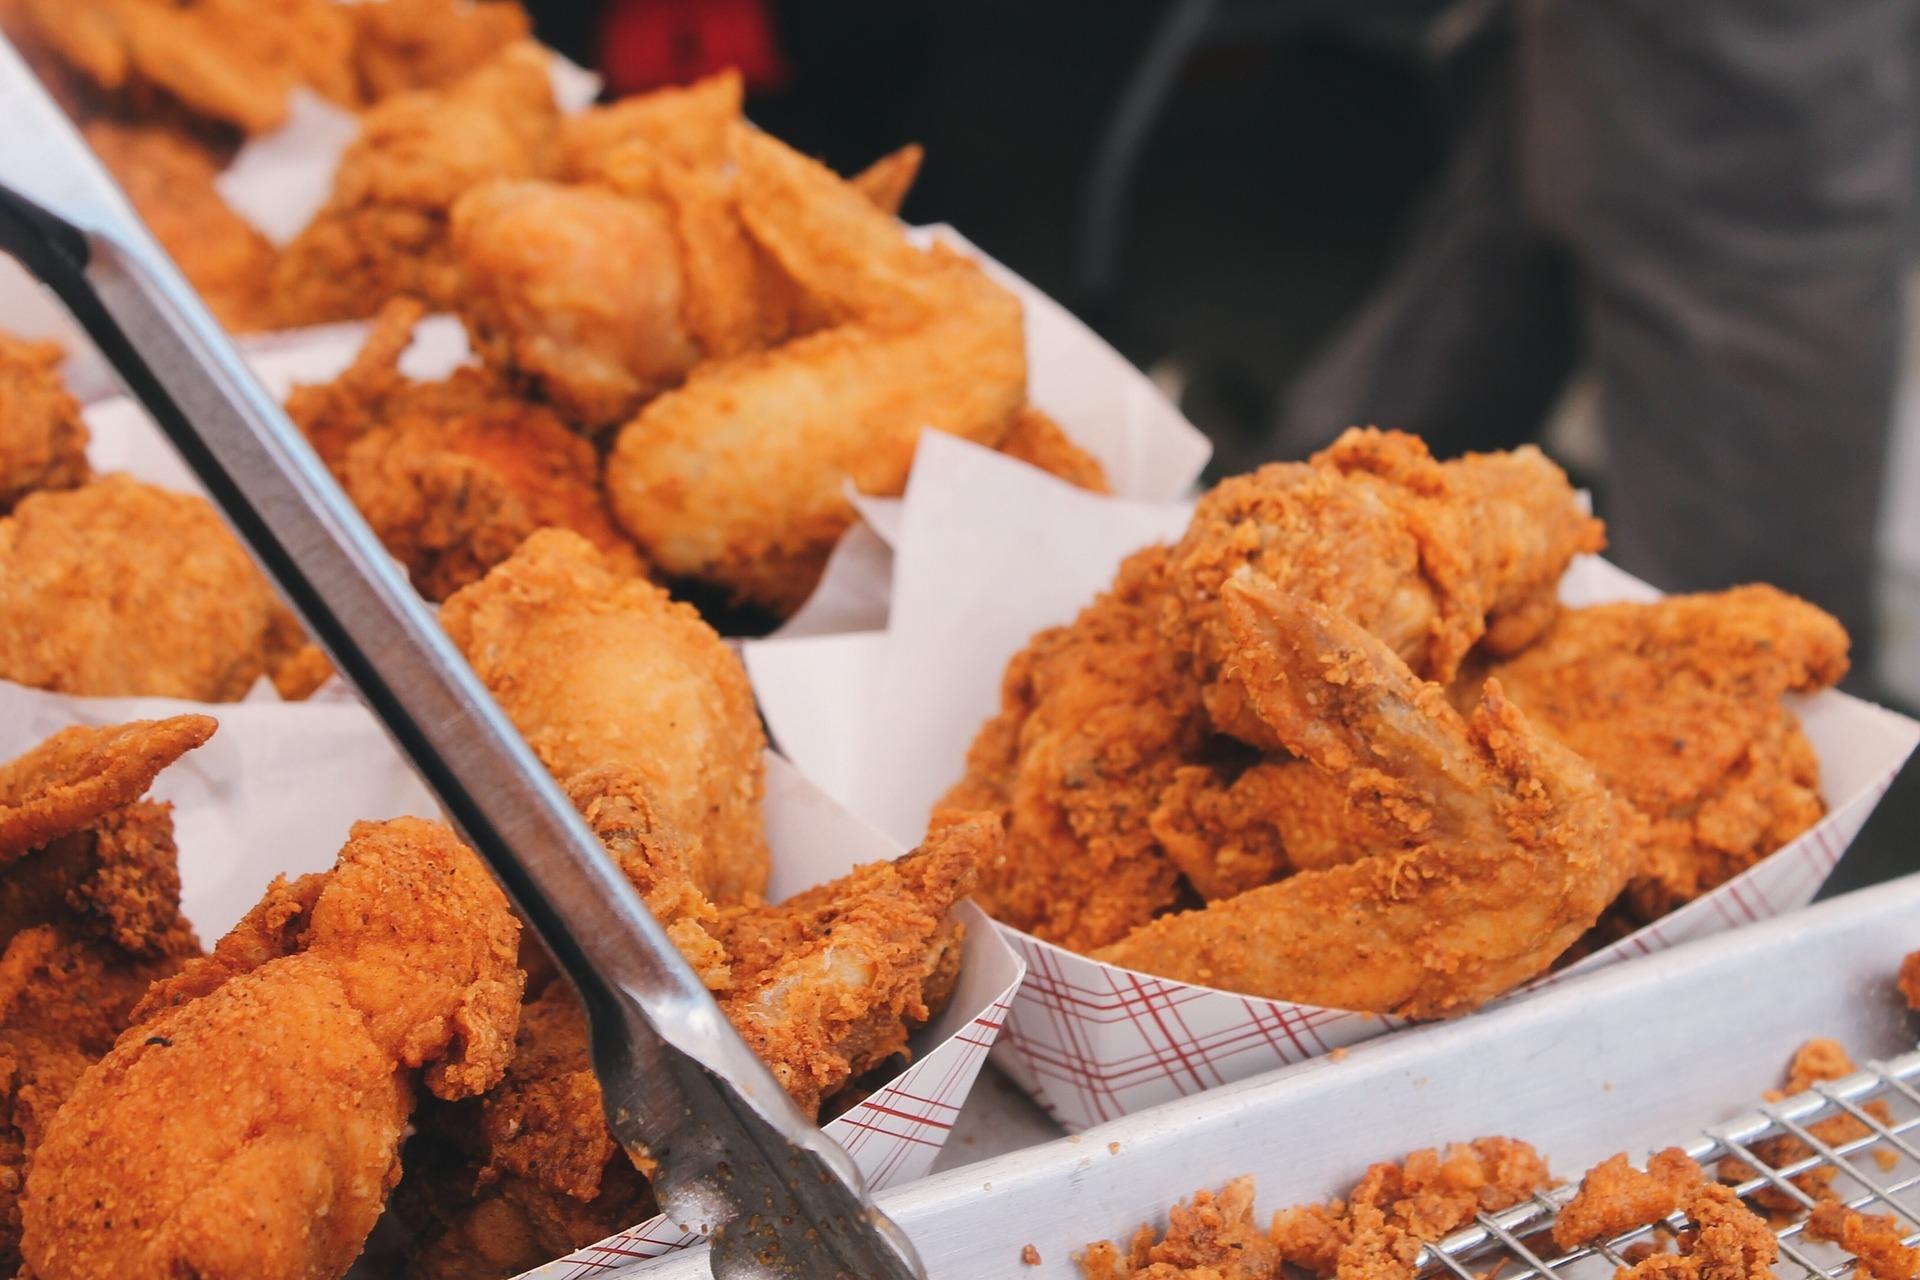 淘宝平台食品行业标准新增临期食品禁止销售